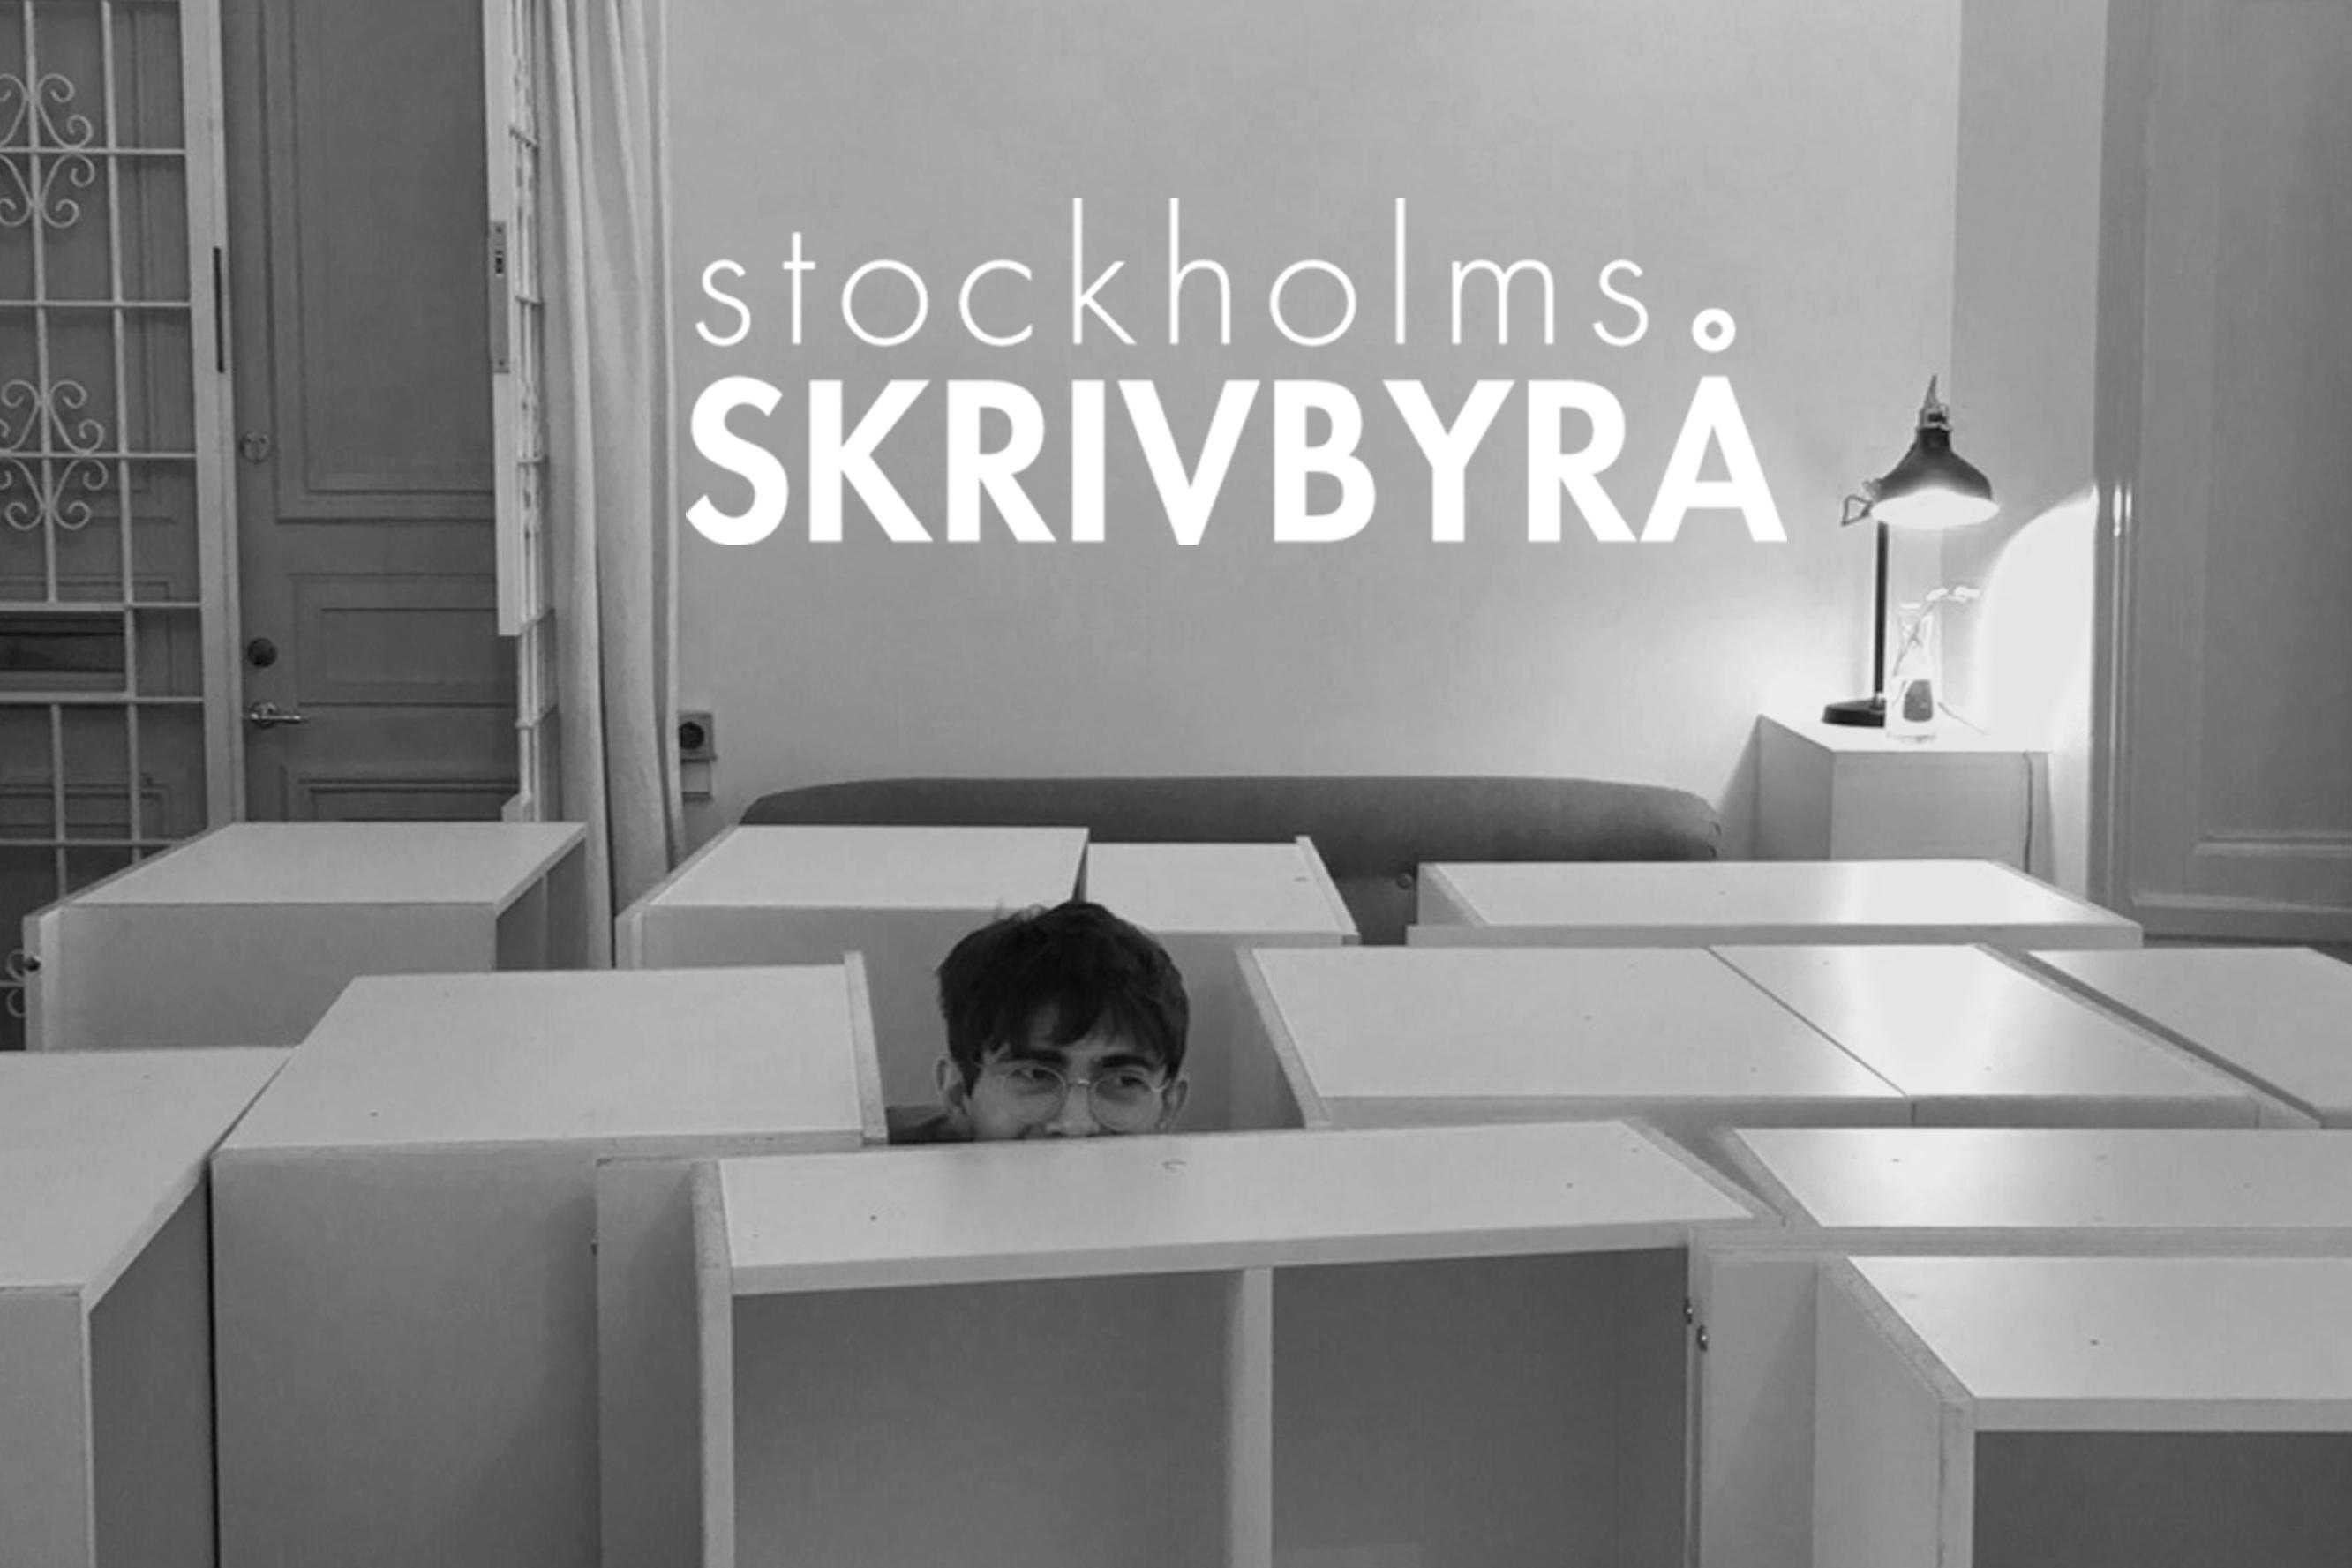 jobb skrivbyrå ~ ny vässad penna på skrivbyrån!  stockholms skrivbyrå